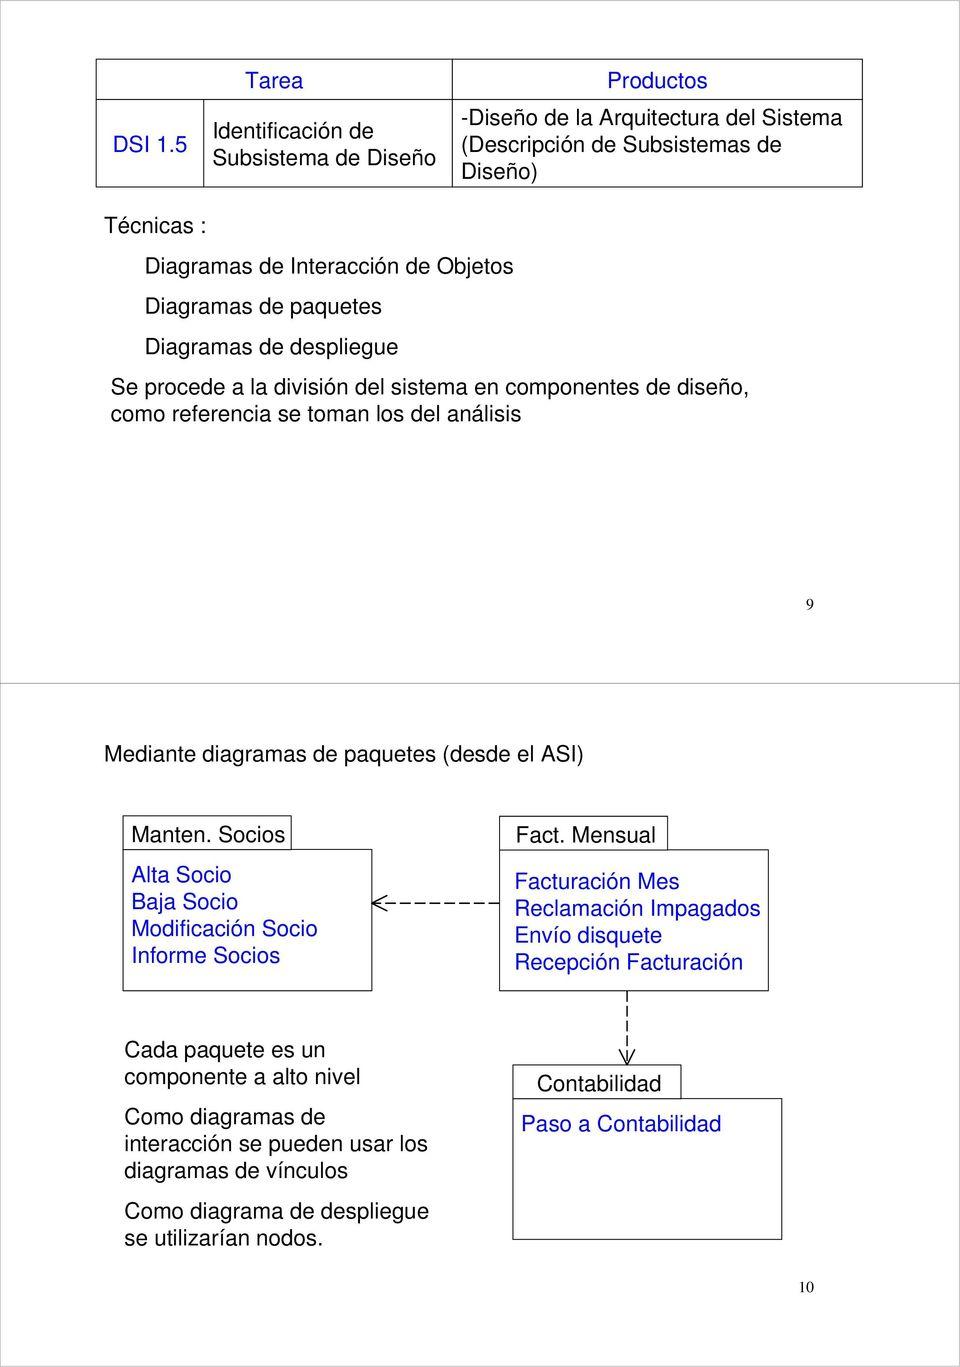 hight resolution of diagramas de despliegue se procede a la divisi n del sistema en componentes de dise o como